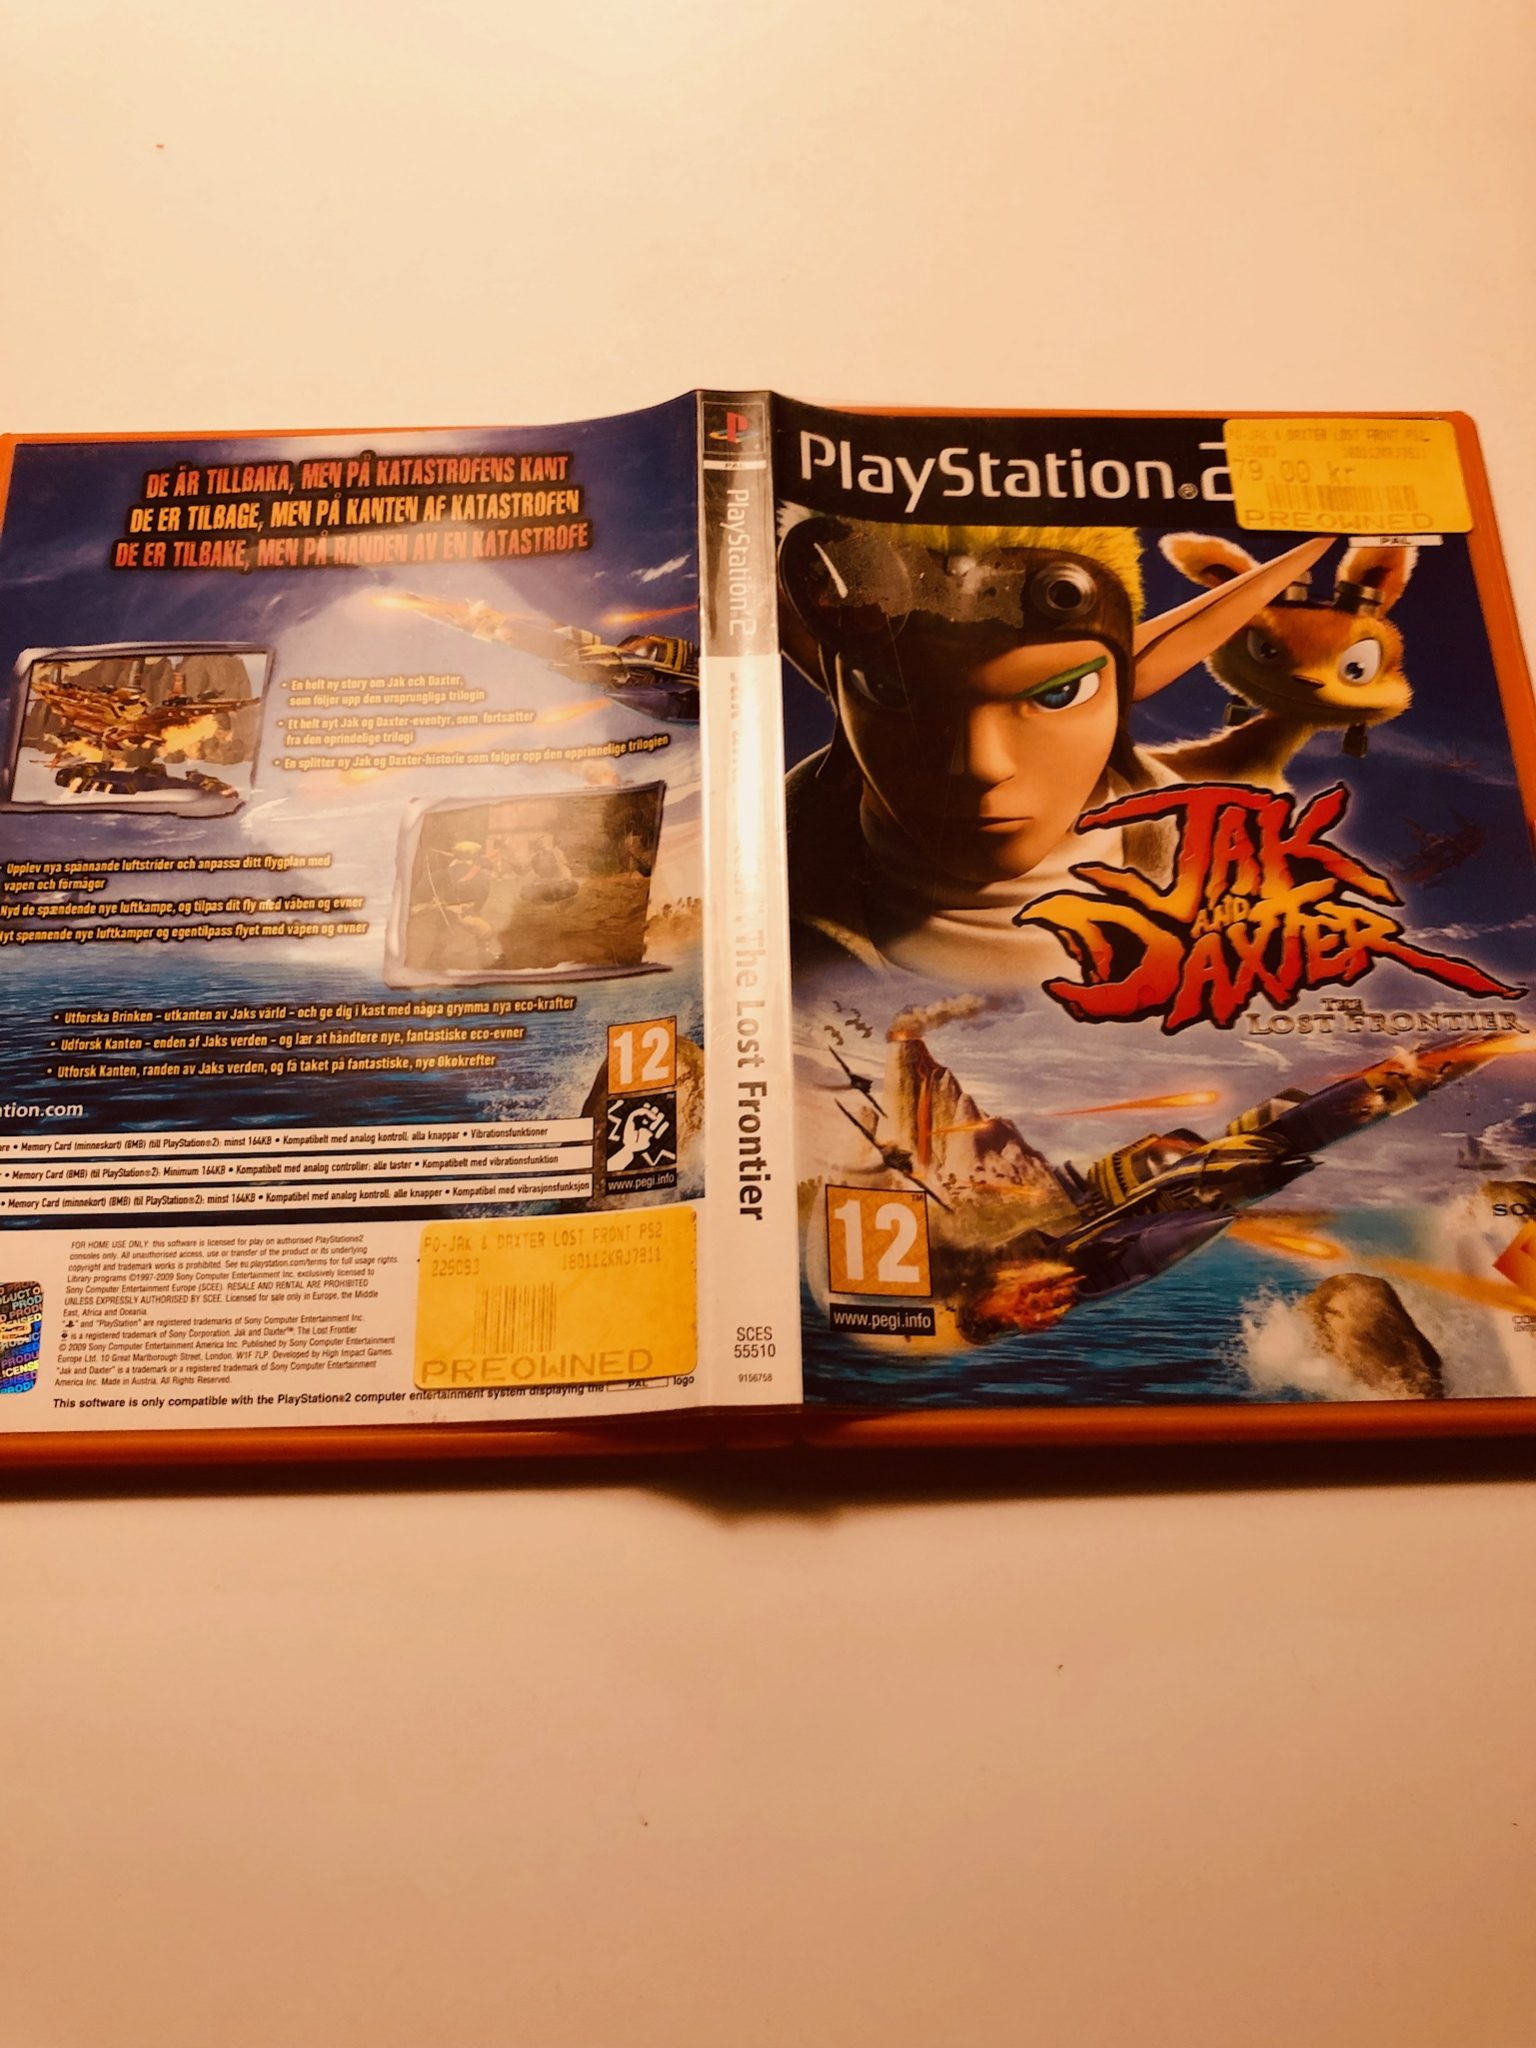 Deep | Blu ray, DVD, Games: [NEWS] Jak & Daxter